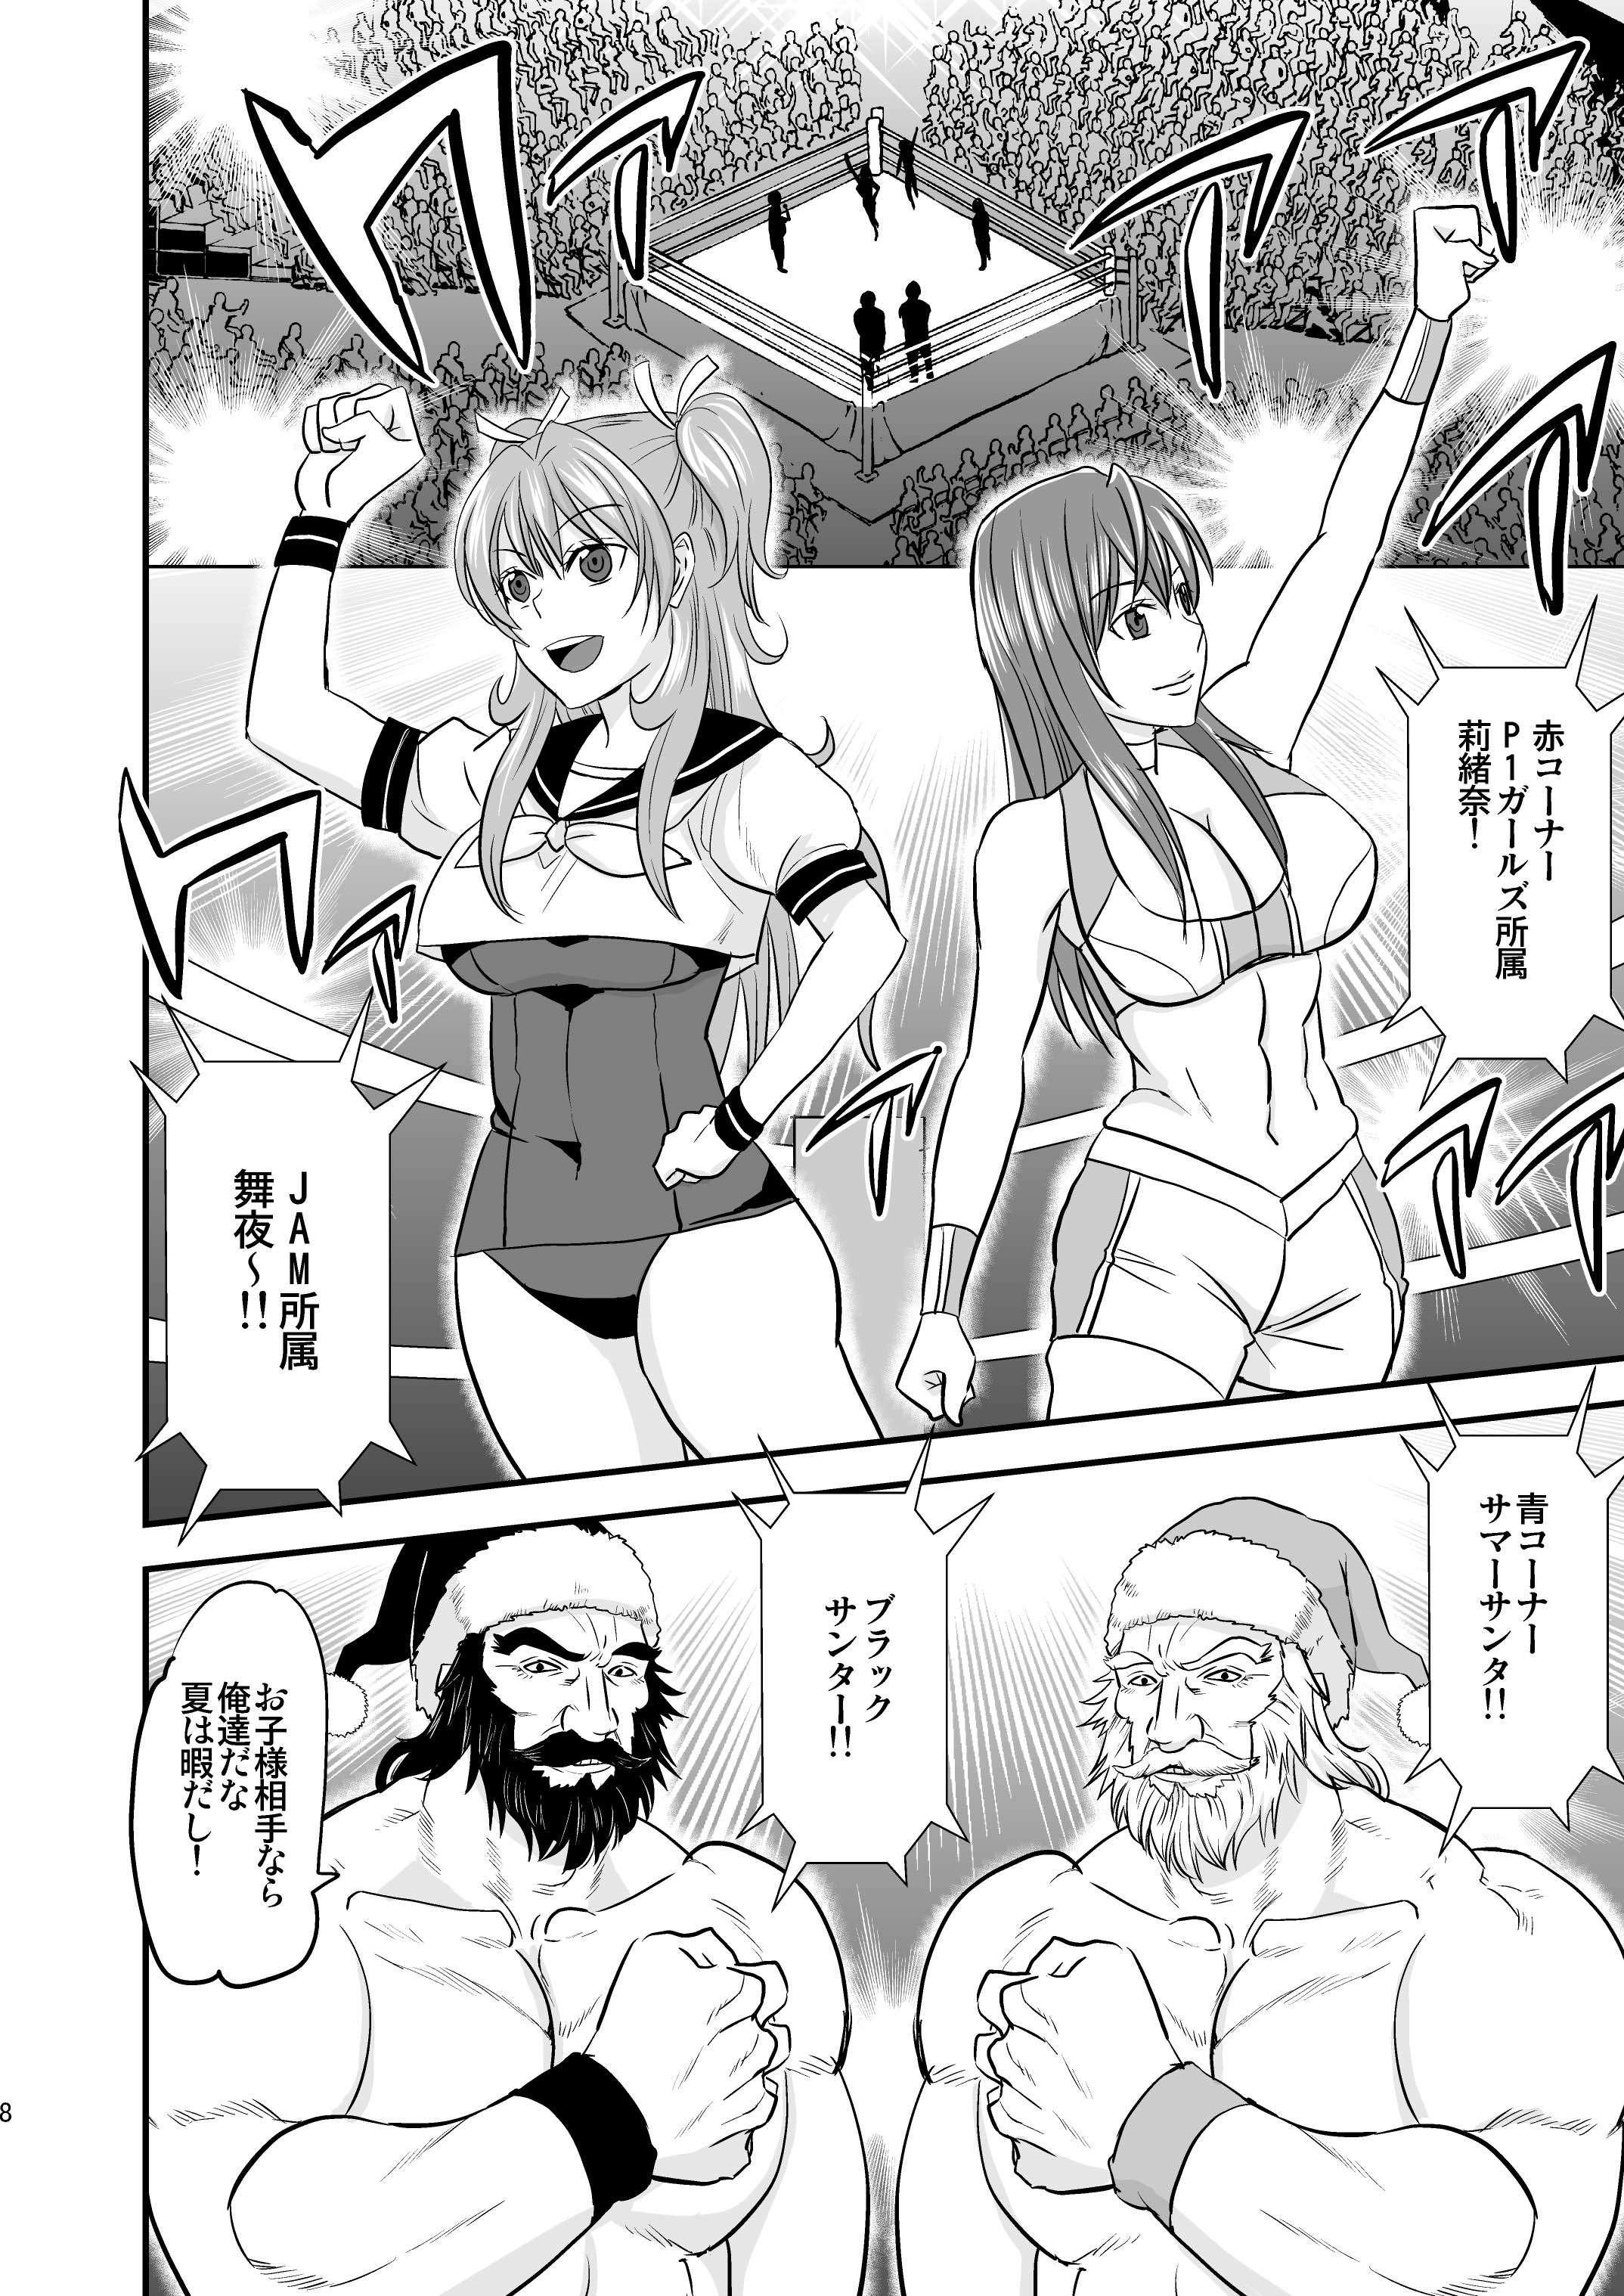 最強巨乳JKレスラー、リングでマッチョサンタレスラーに処女を奪われるwwwww【エロ漫画・エロ同人】 (7)